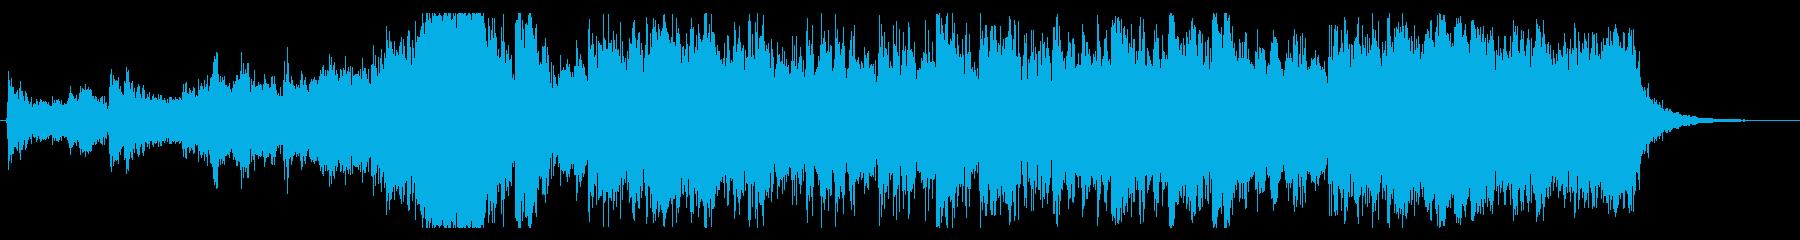 自然 壮大 オーケストラ 30秒の再生済みの波形